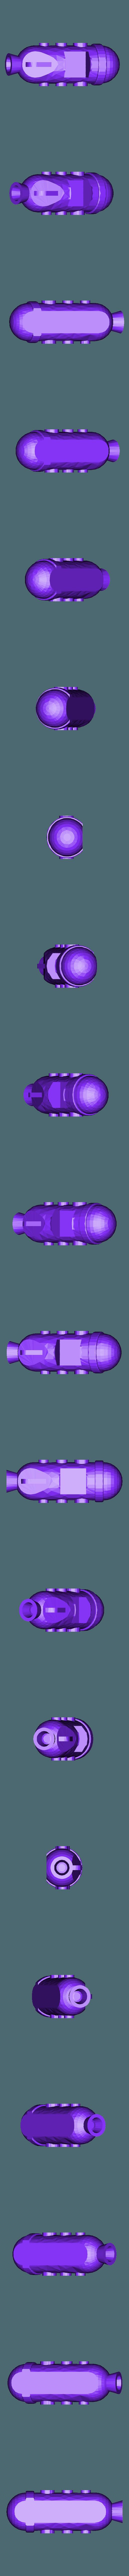 TM_ColonyShip_3.stl Télécharger fichier STL gratuit Terraformer les vaisseaux de la colonie de Mars • Modèle pour imprimante 3D, Hardcore3D